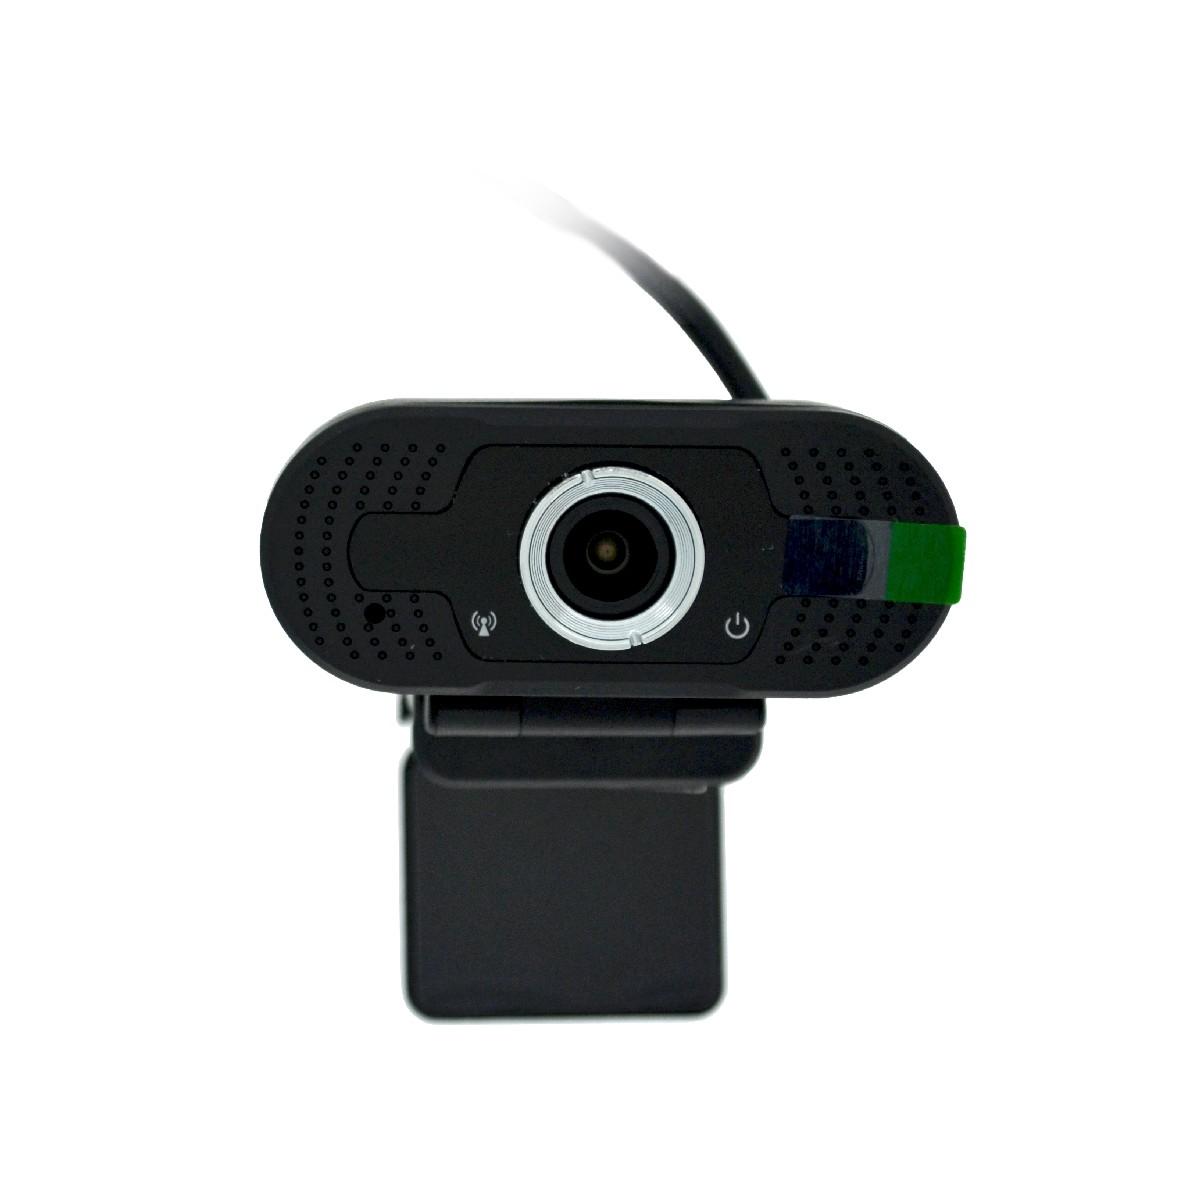 USB Webcam Mobilis W8-2 Full HD 1080P 1920X1080 με 2MP και Ενσωματωμένο Μικρόφωνο. Μαύρη